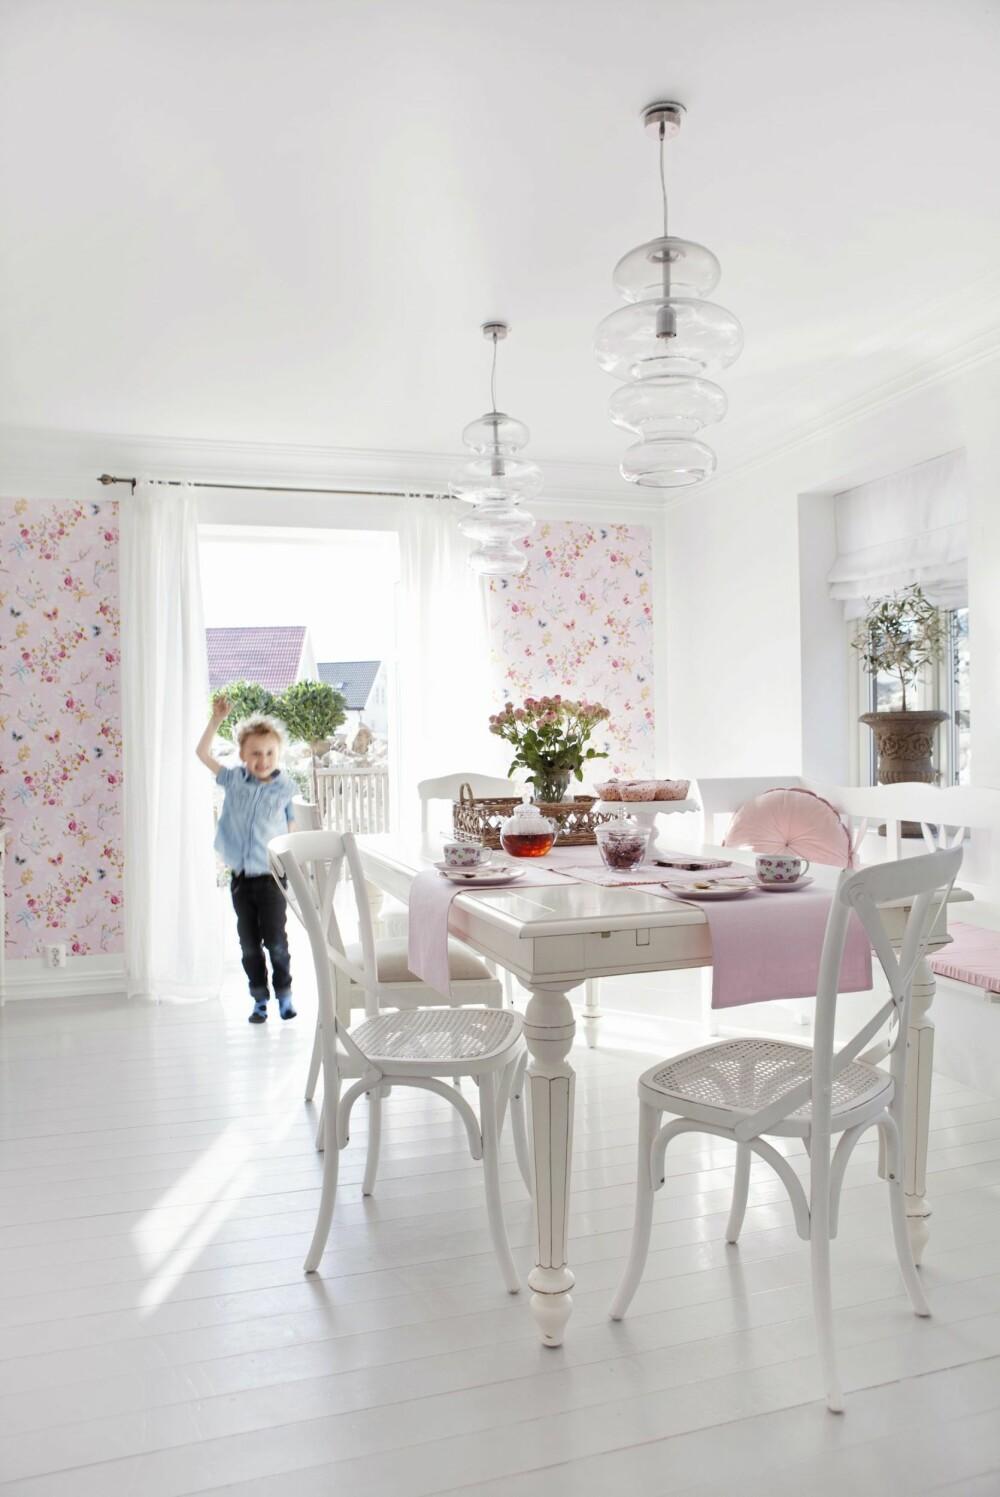 KJØKKENET: Kjøkkenet vender ut motterrasse på baksiden av huset. Noa på fem er glad i mammas gjærbakst. Bordet er fra Bohus, mens stolene er en samling forskjellige. Tapetet er et Pip-tapet fra Eijffinger.